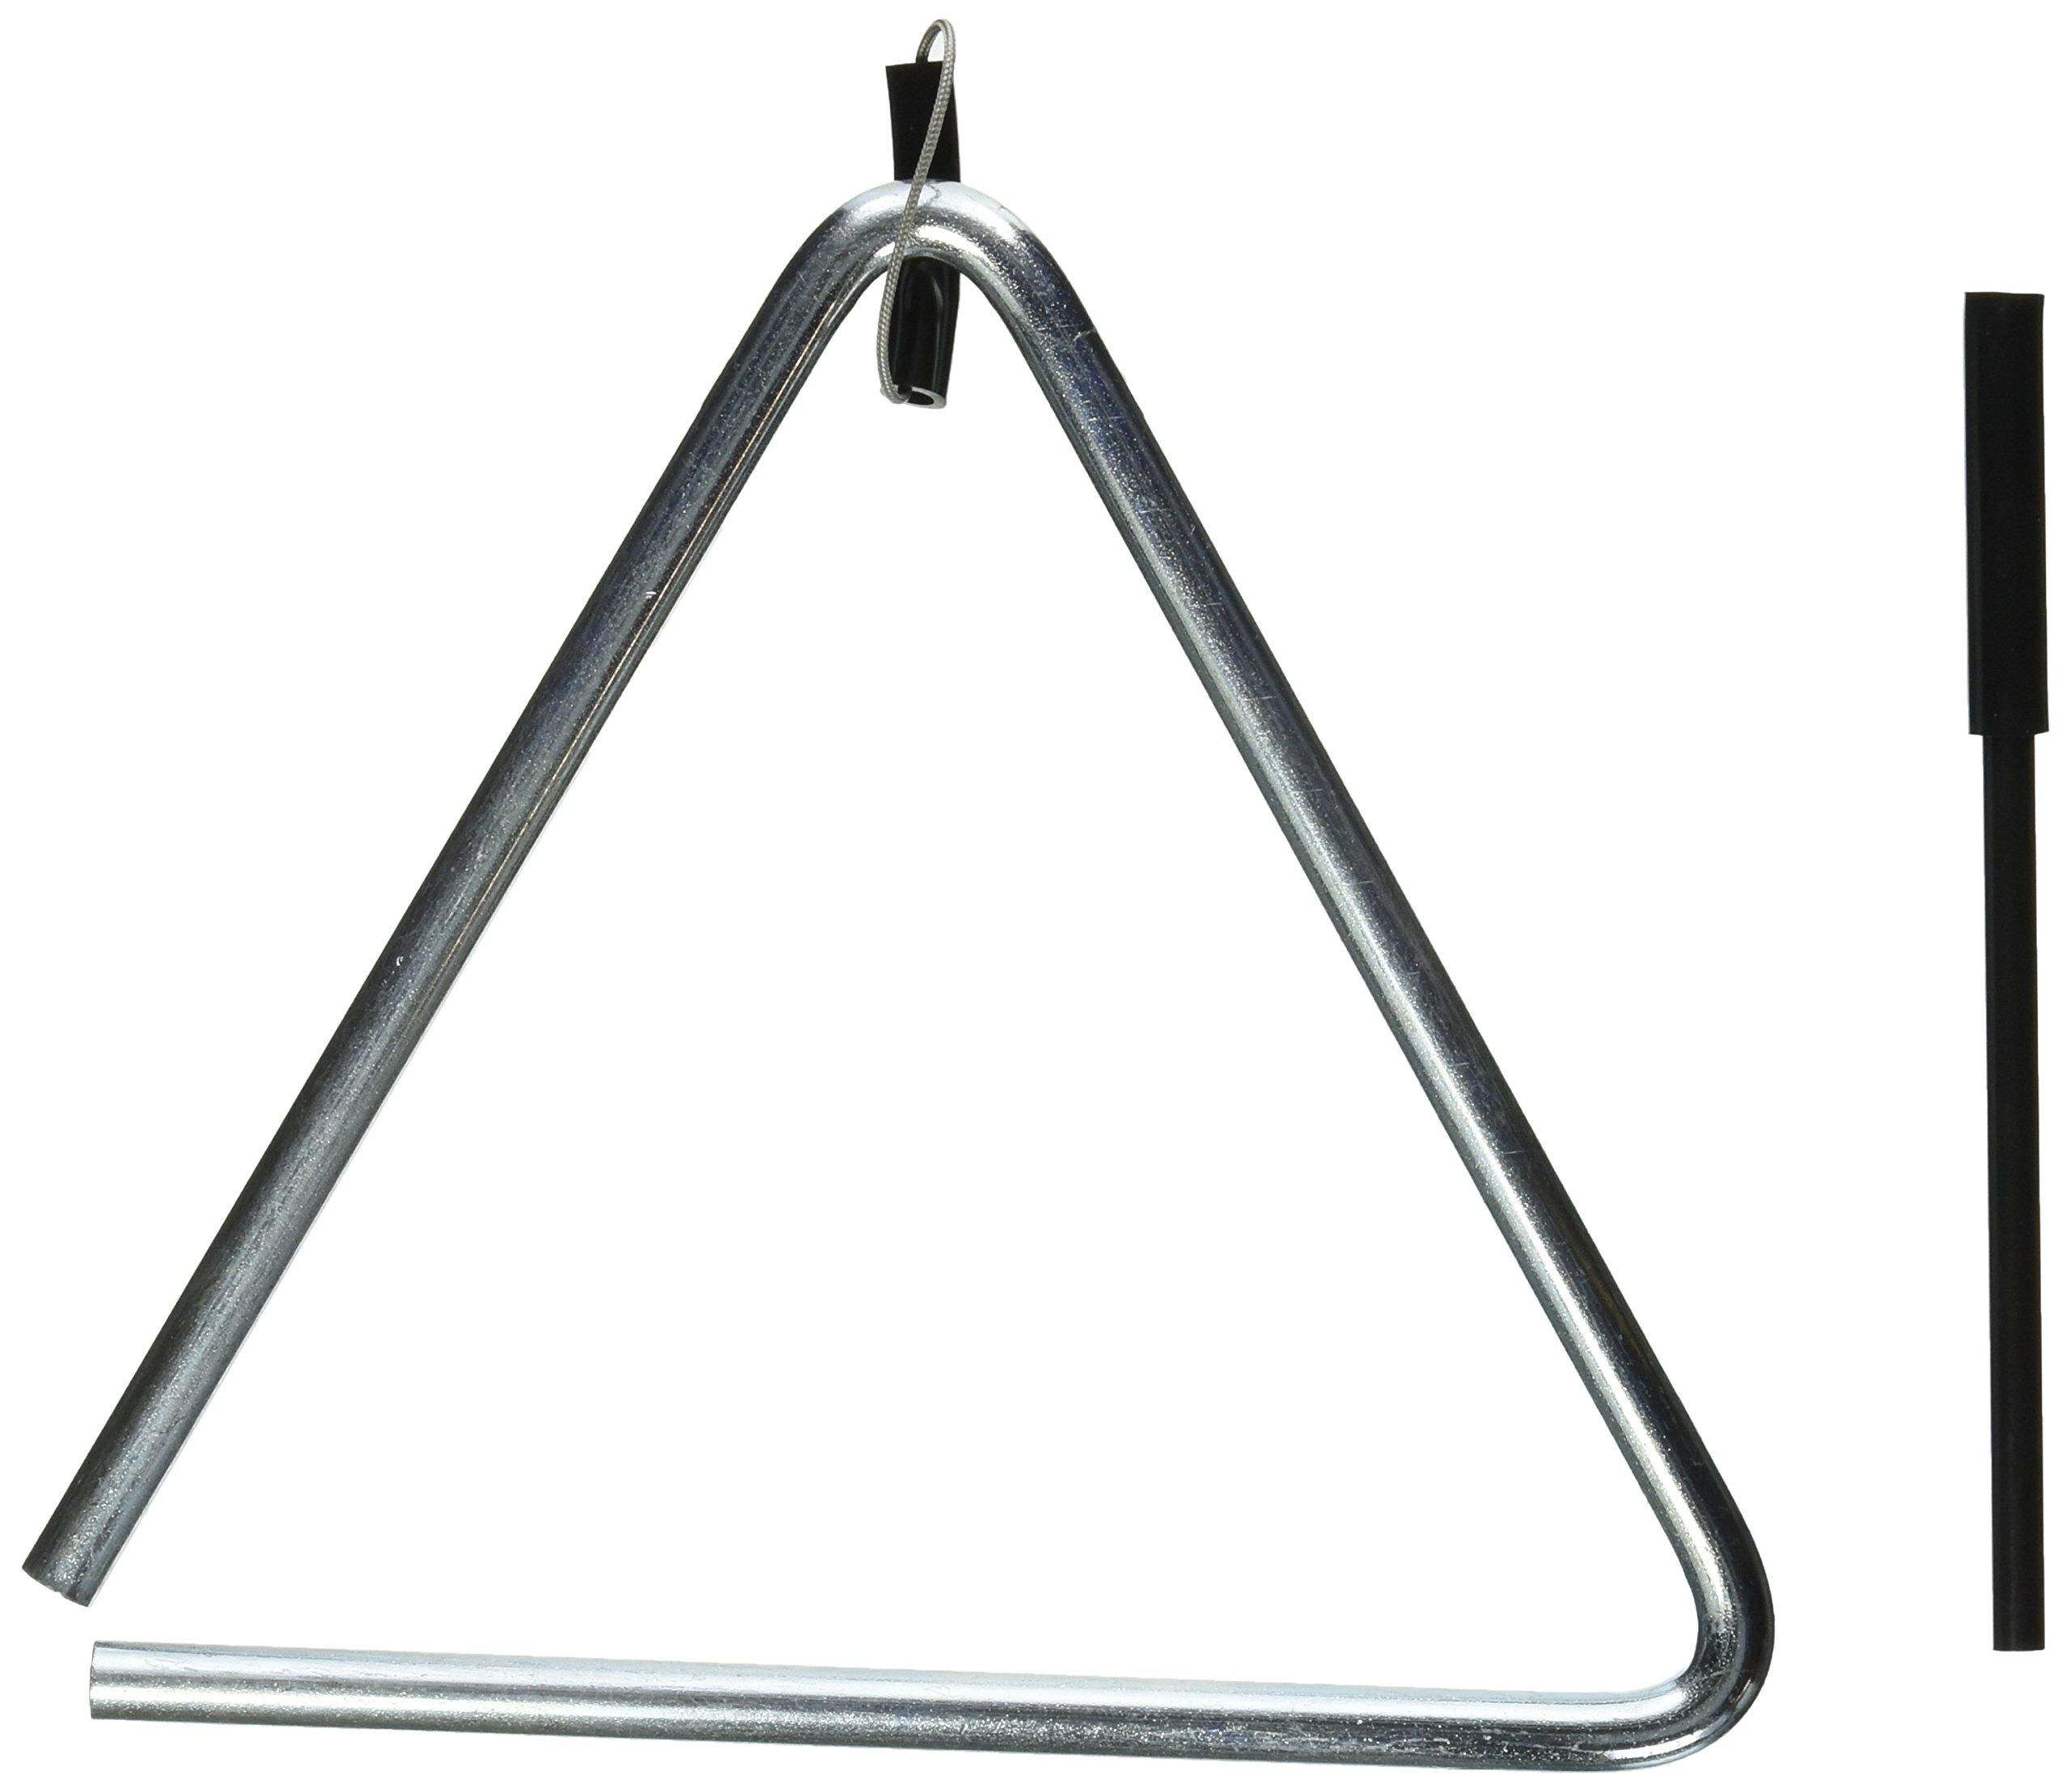 Danmar 408 Steel 8-Inch Triangle by Danmar